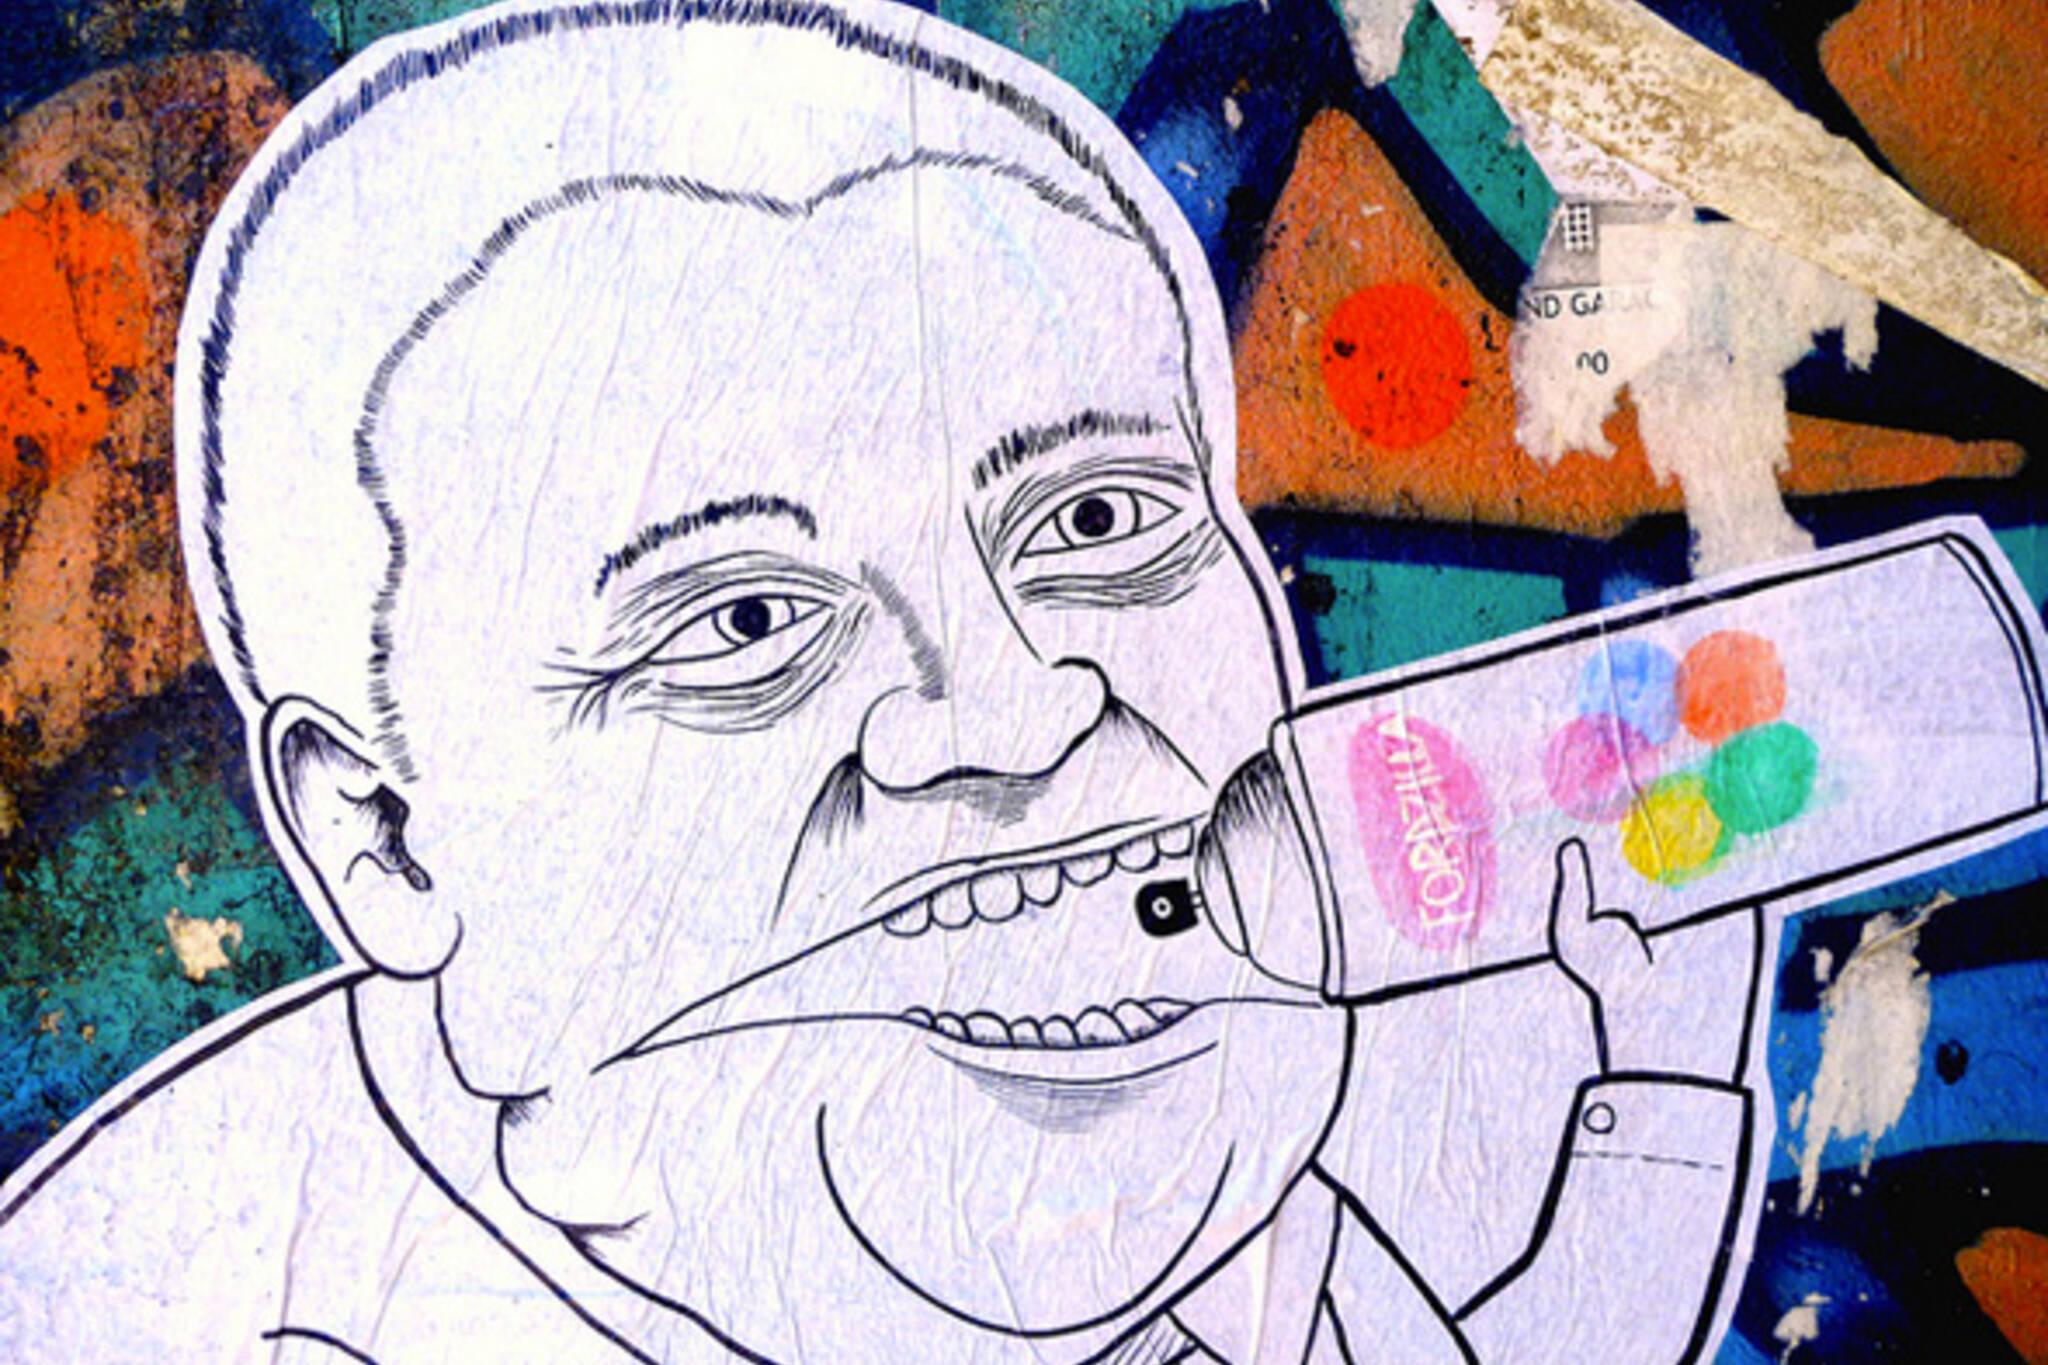 Rob Ford Graffiti Wheatpaste